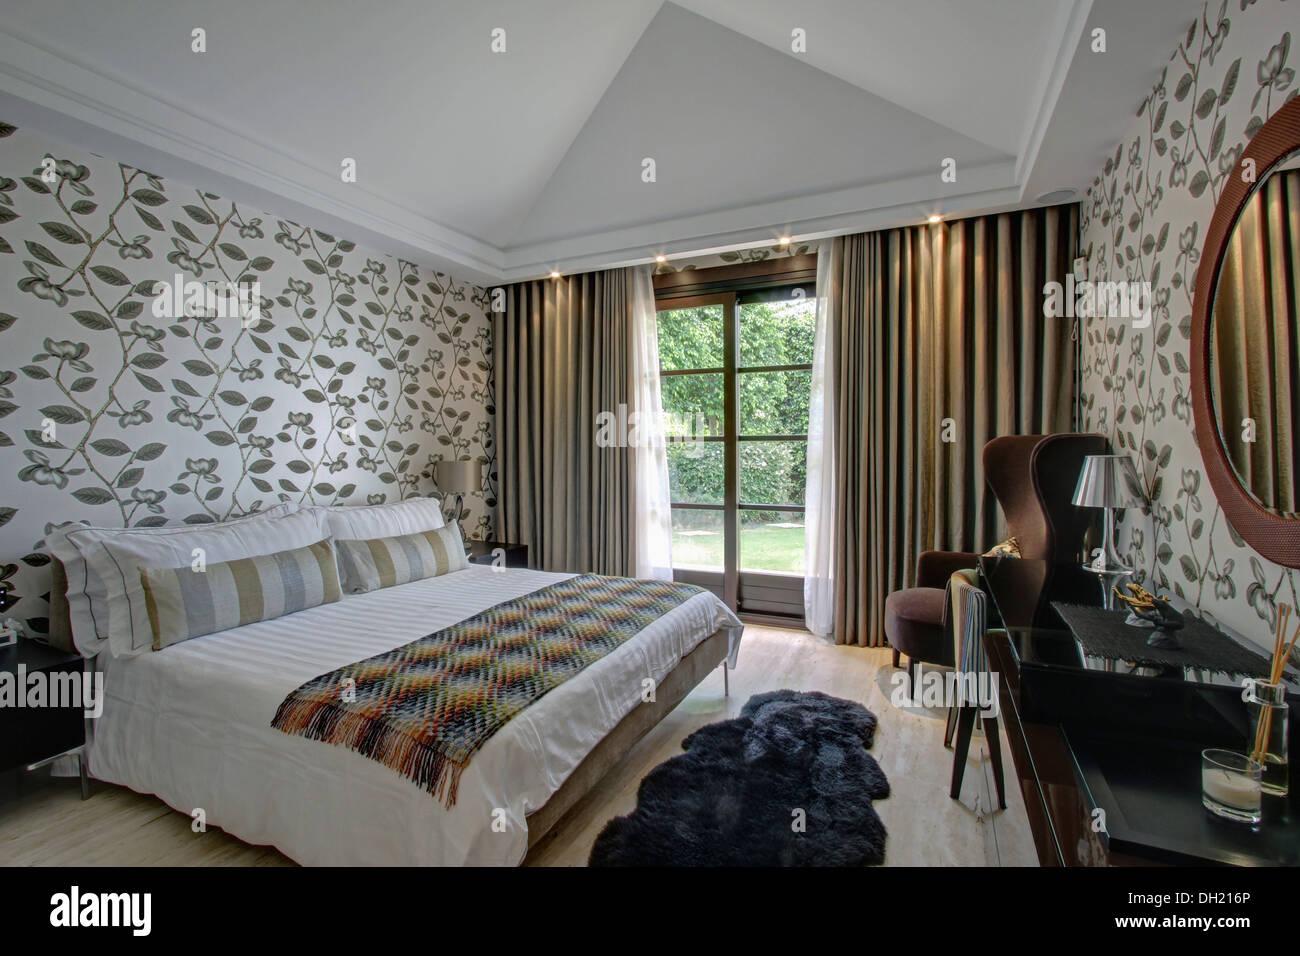 Graue Vorhänge auf Glastüren in spanischen Schlafzimmer mit ...